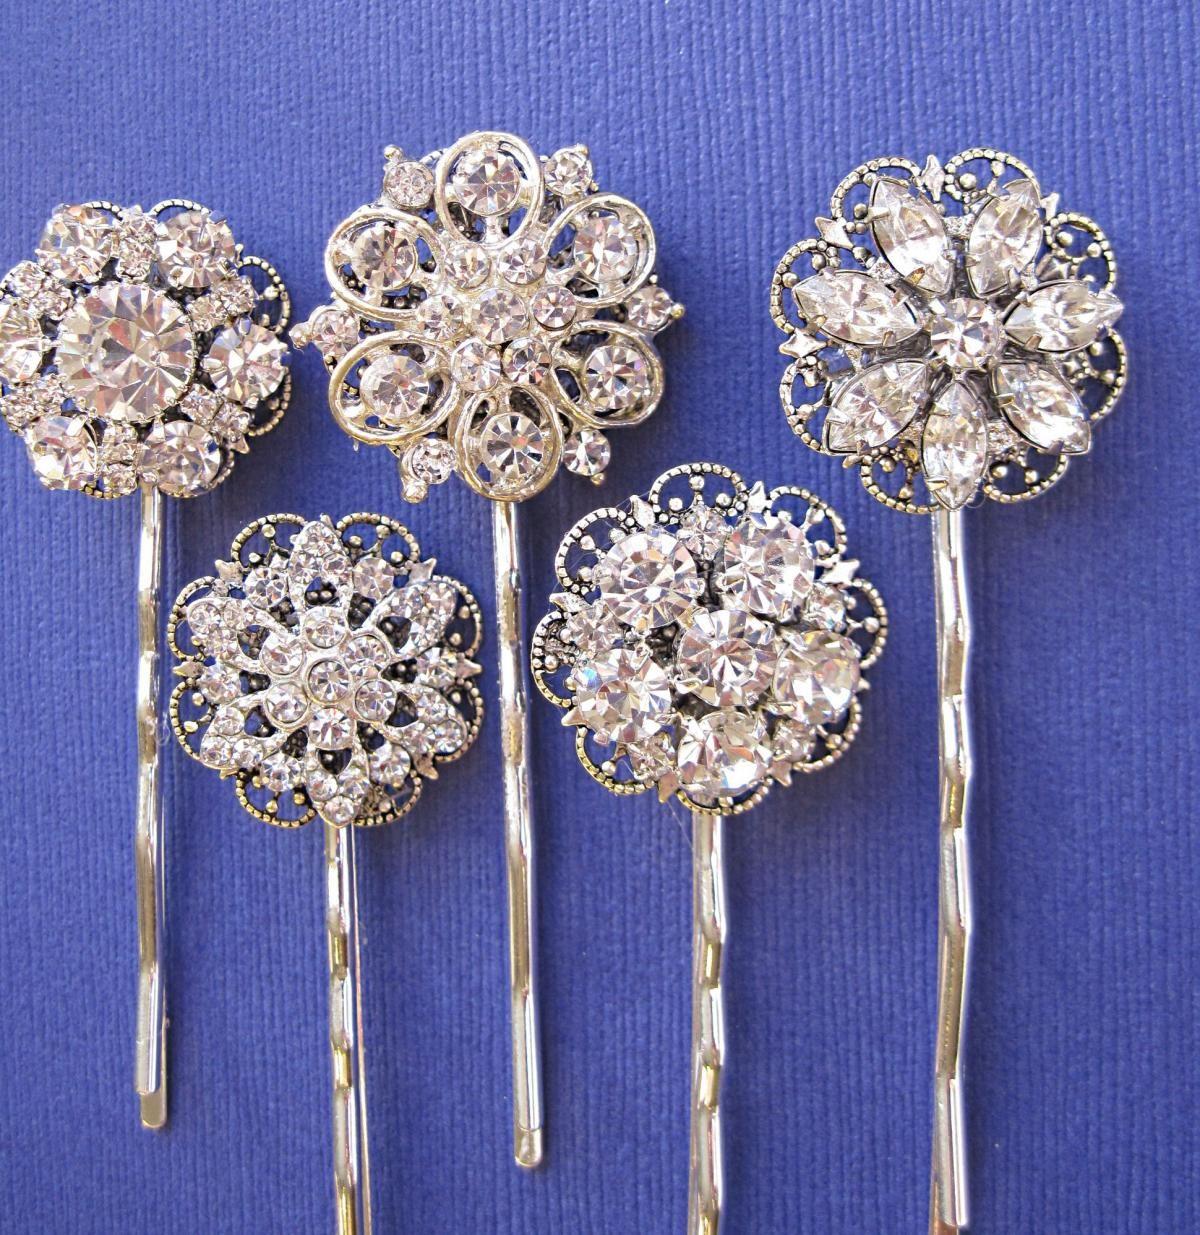 wedding accessories, hair pins, 5 hair pins, rhinestone